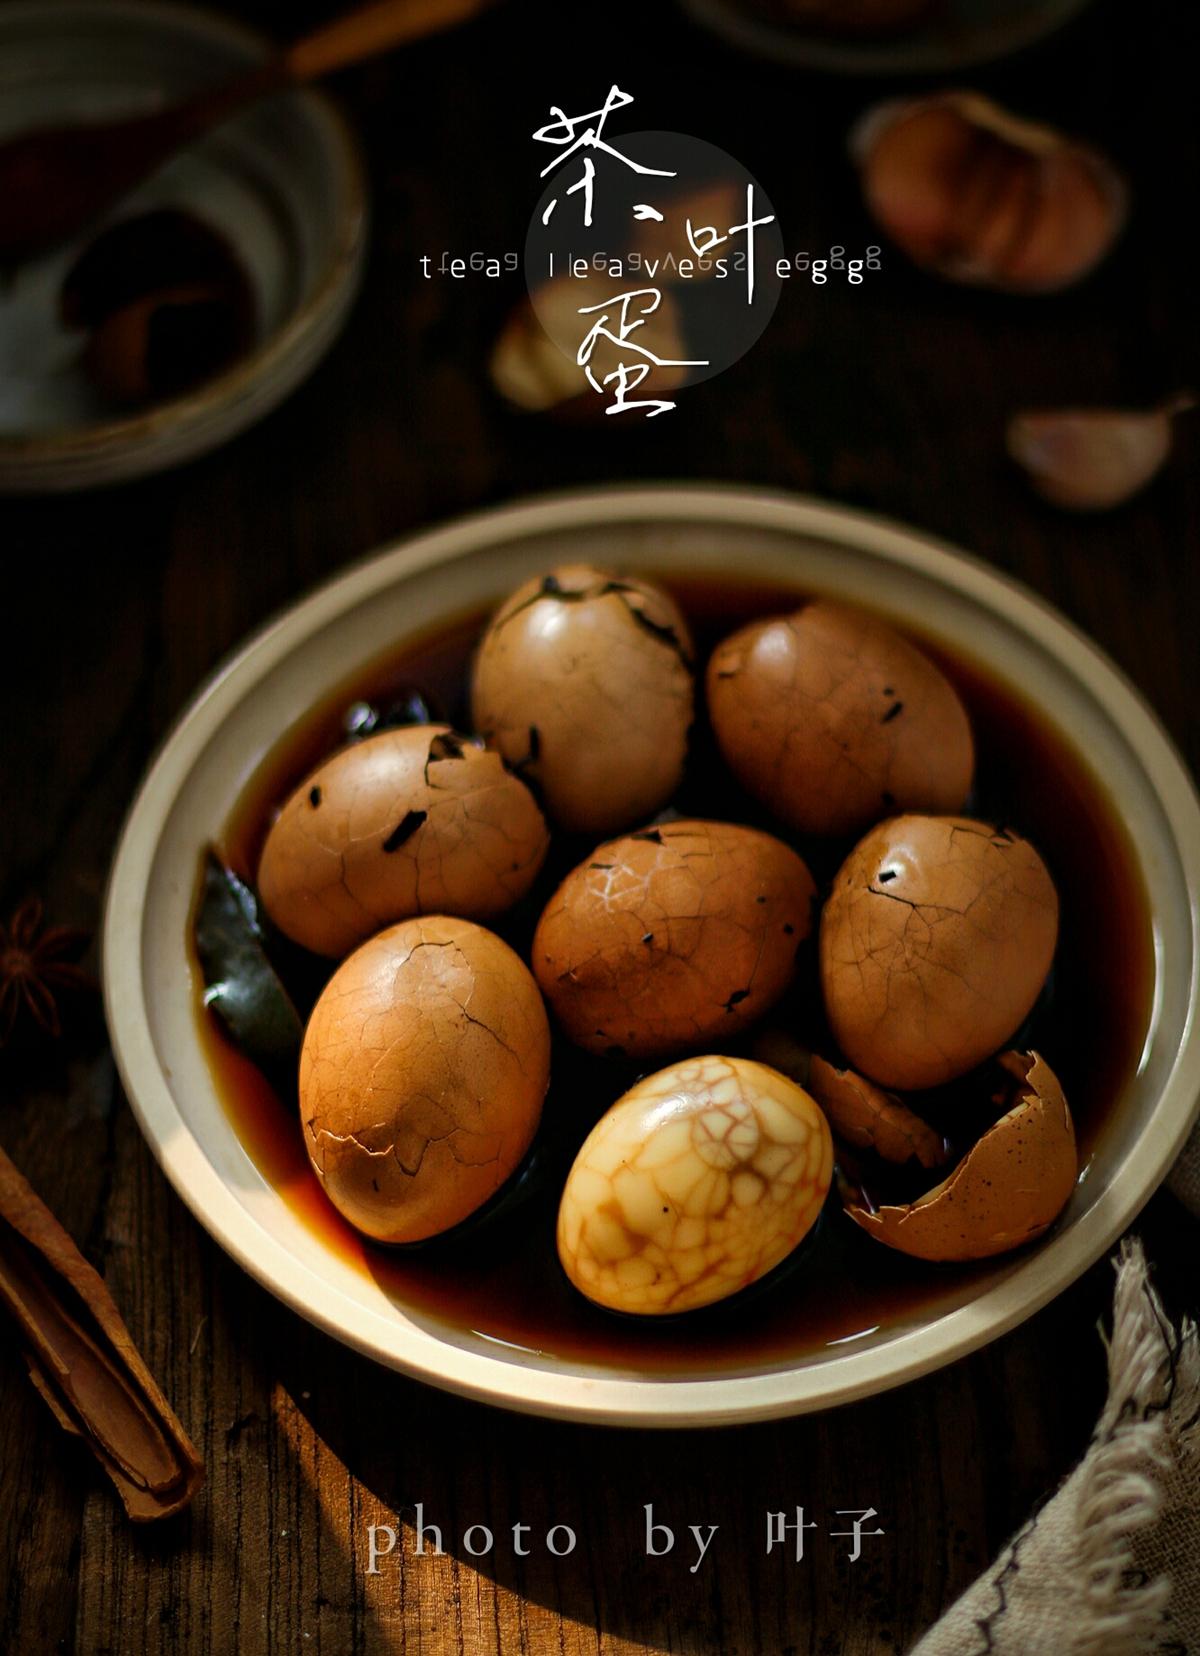 """""""大陆人民吃不起的茶叶蛋"""",在家煮一锅,香味浓郁,好吃极了!"""